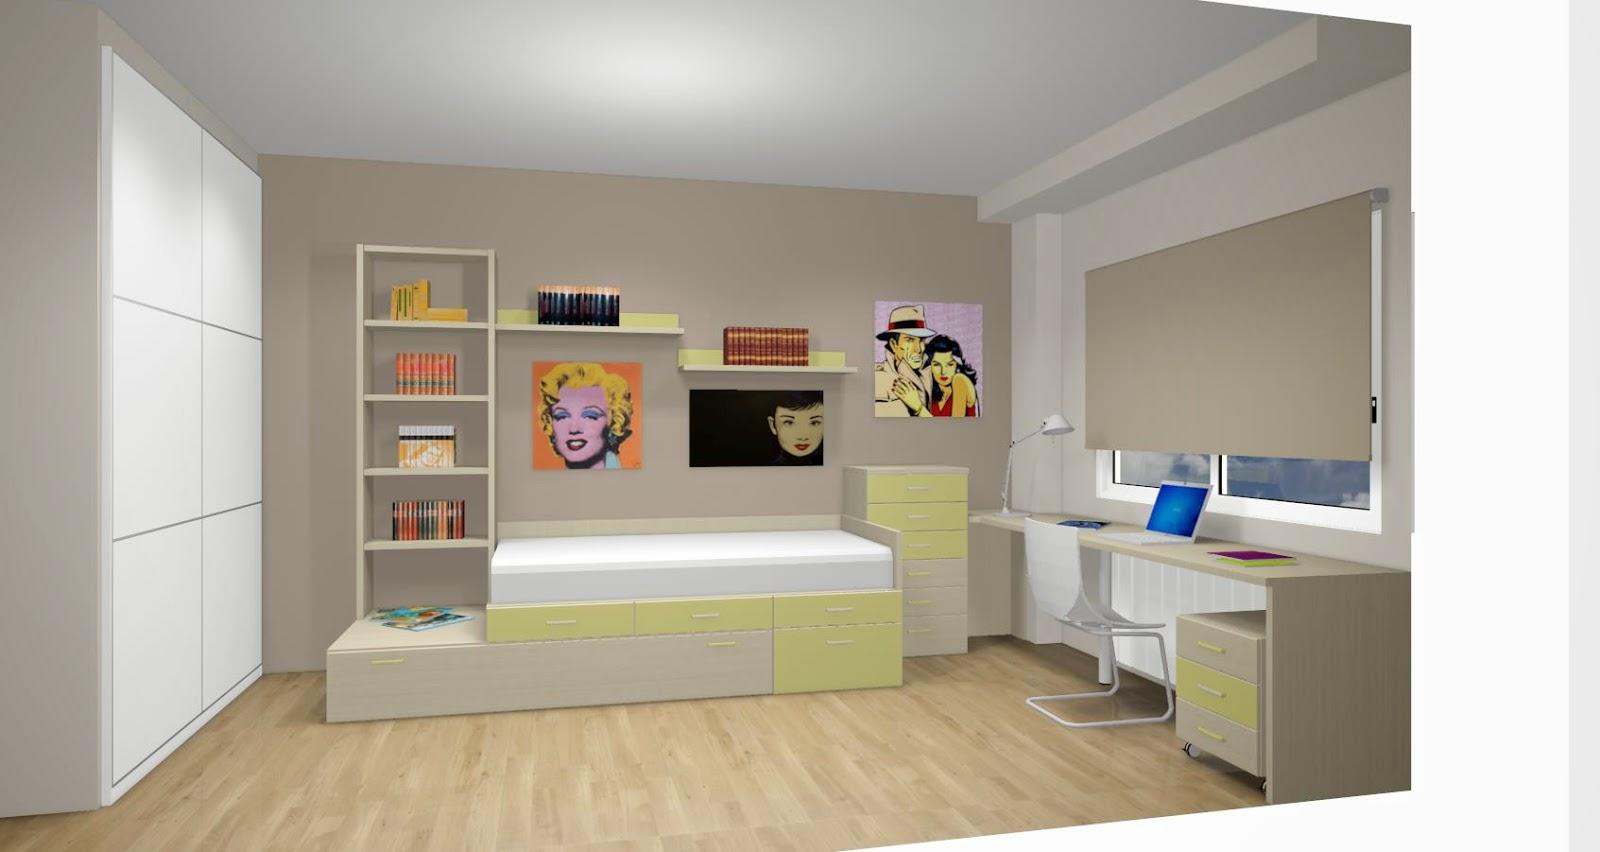 Dise o de cuartos o dormitorios juveniles for Disenos de paredes para dormitorios